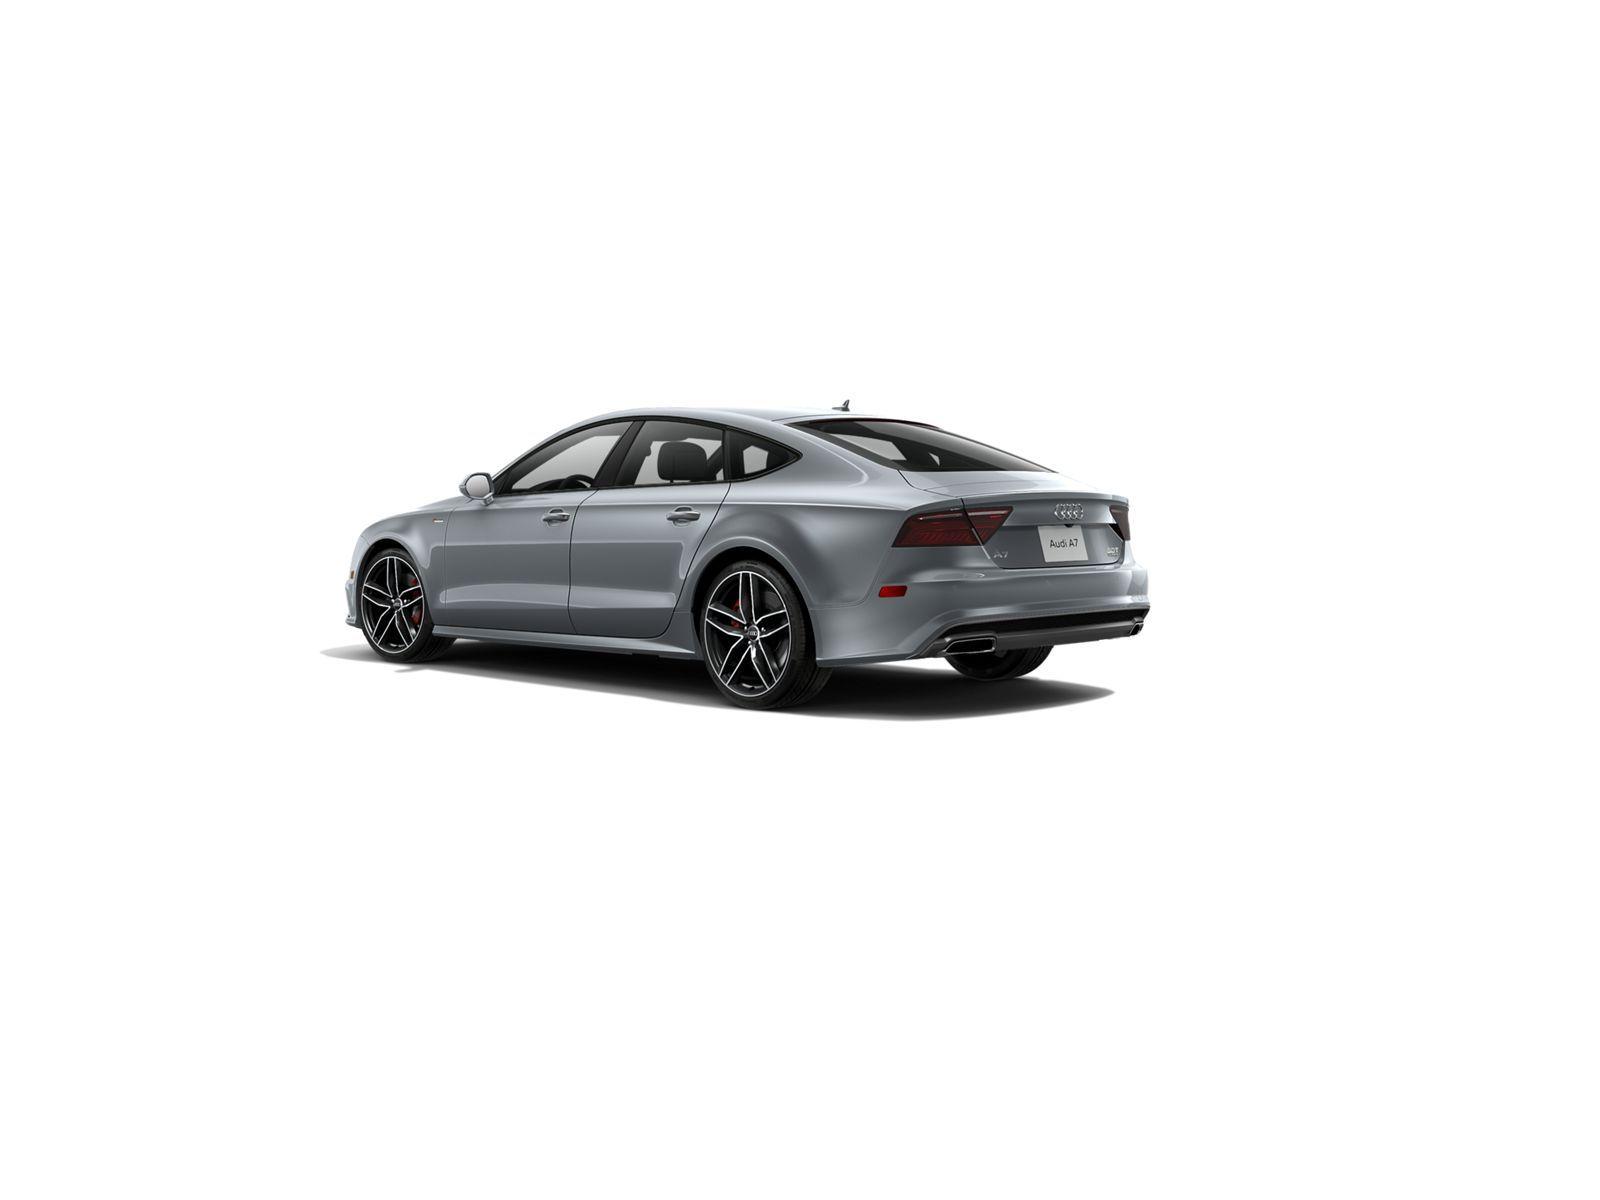 Build Your Own Audi A Car Configurator Audi USA Automobiles - Audi car configurator